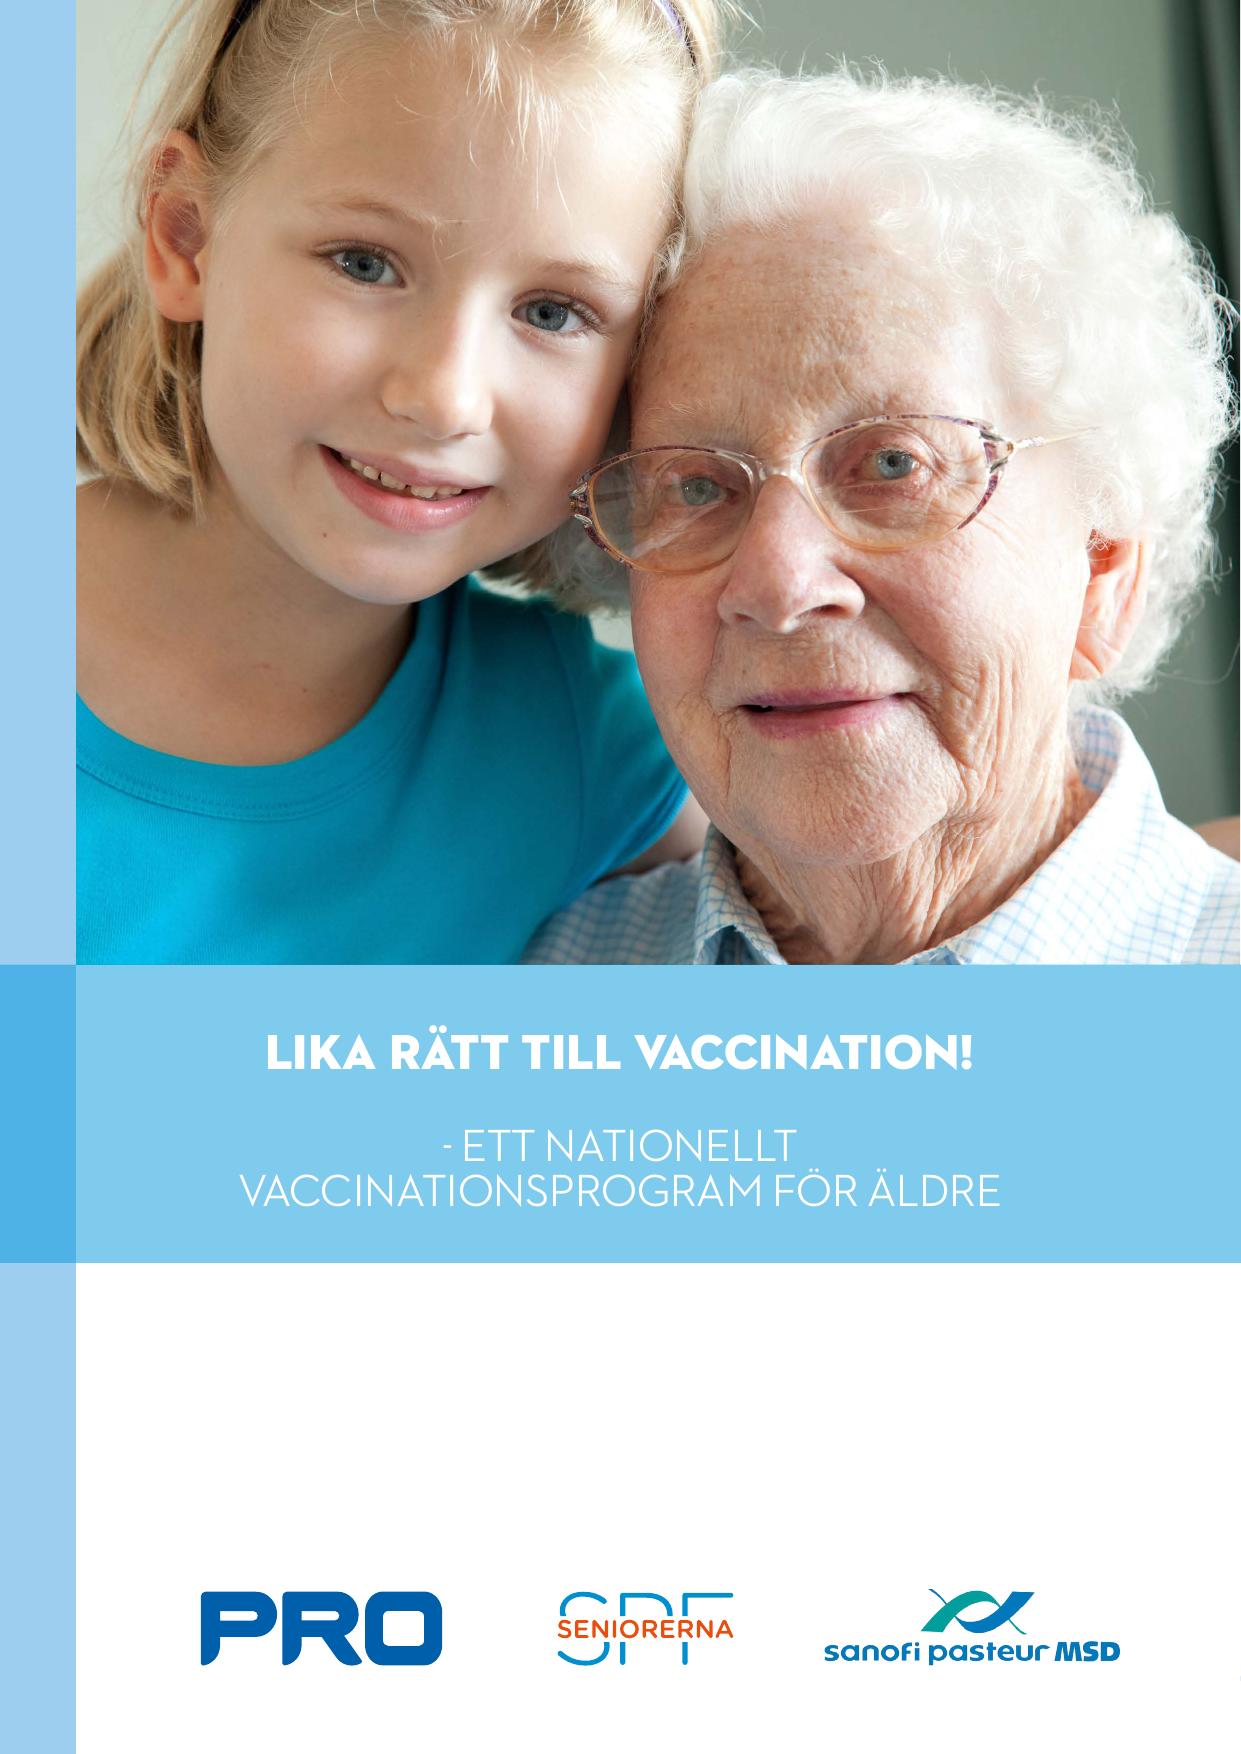 Ge alla aldre ratt till samma vaccinationer